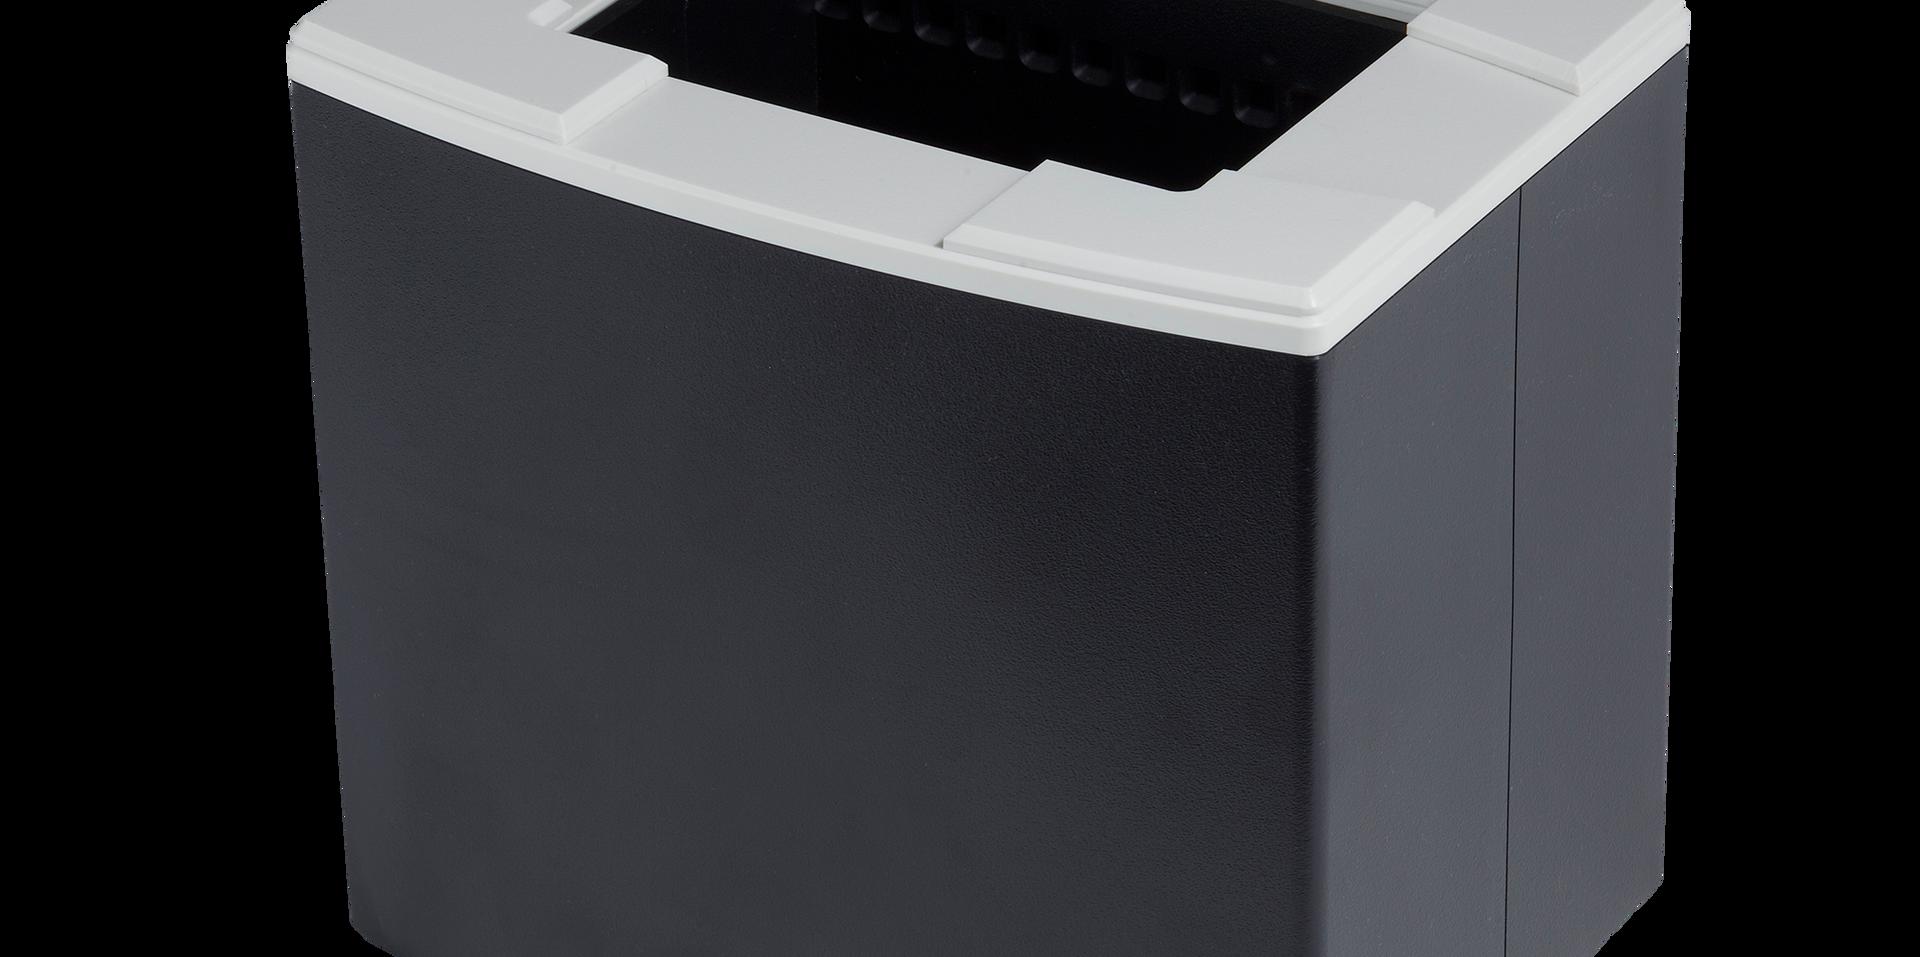 Bespoke scanner housing